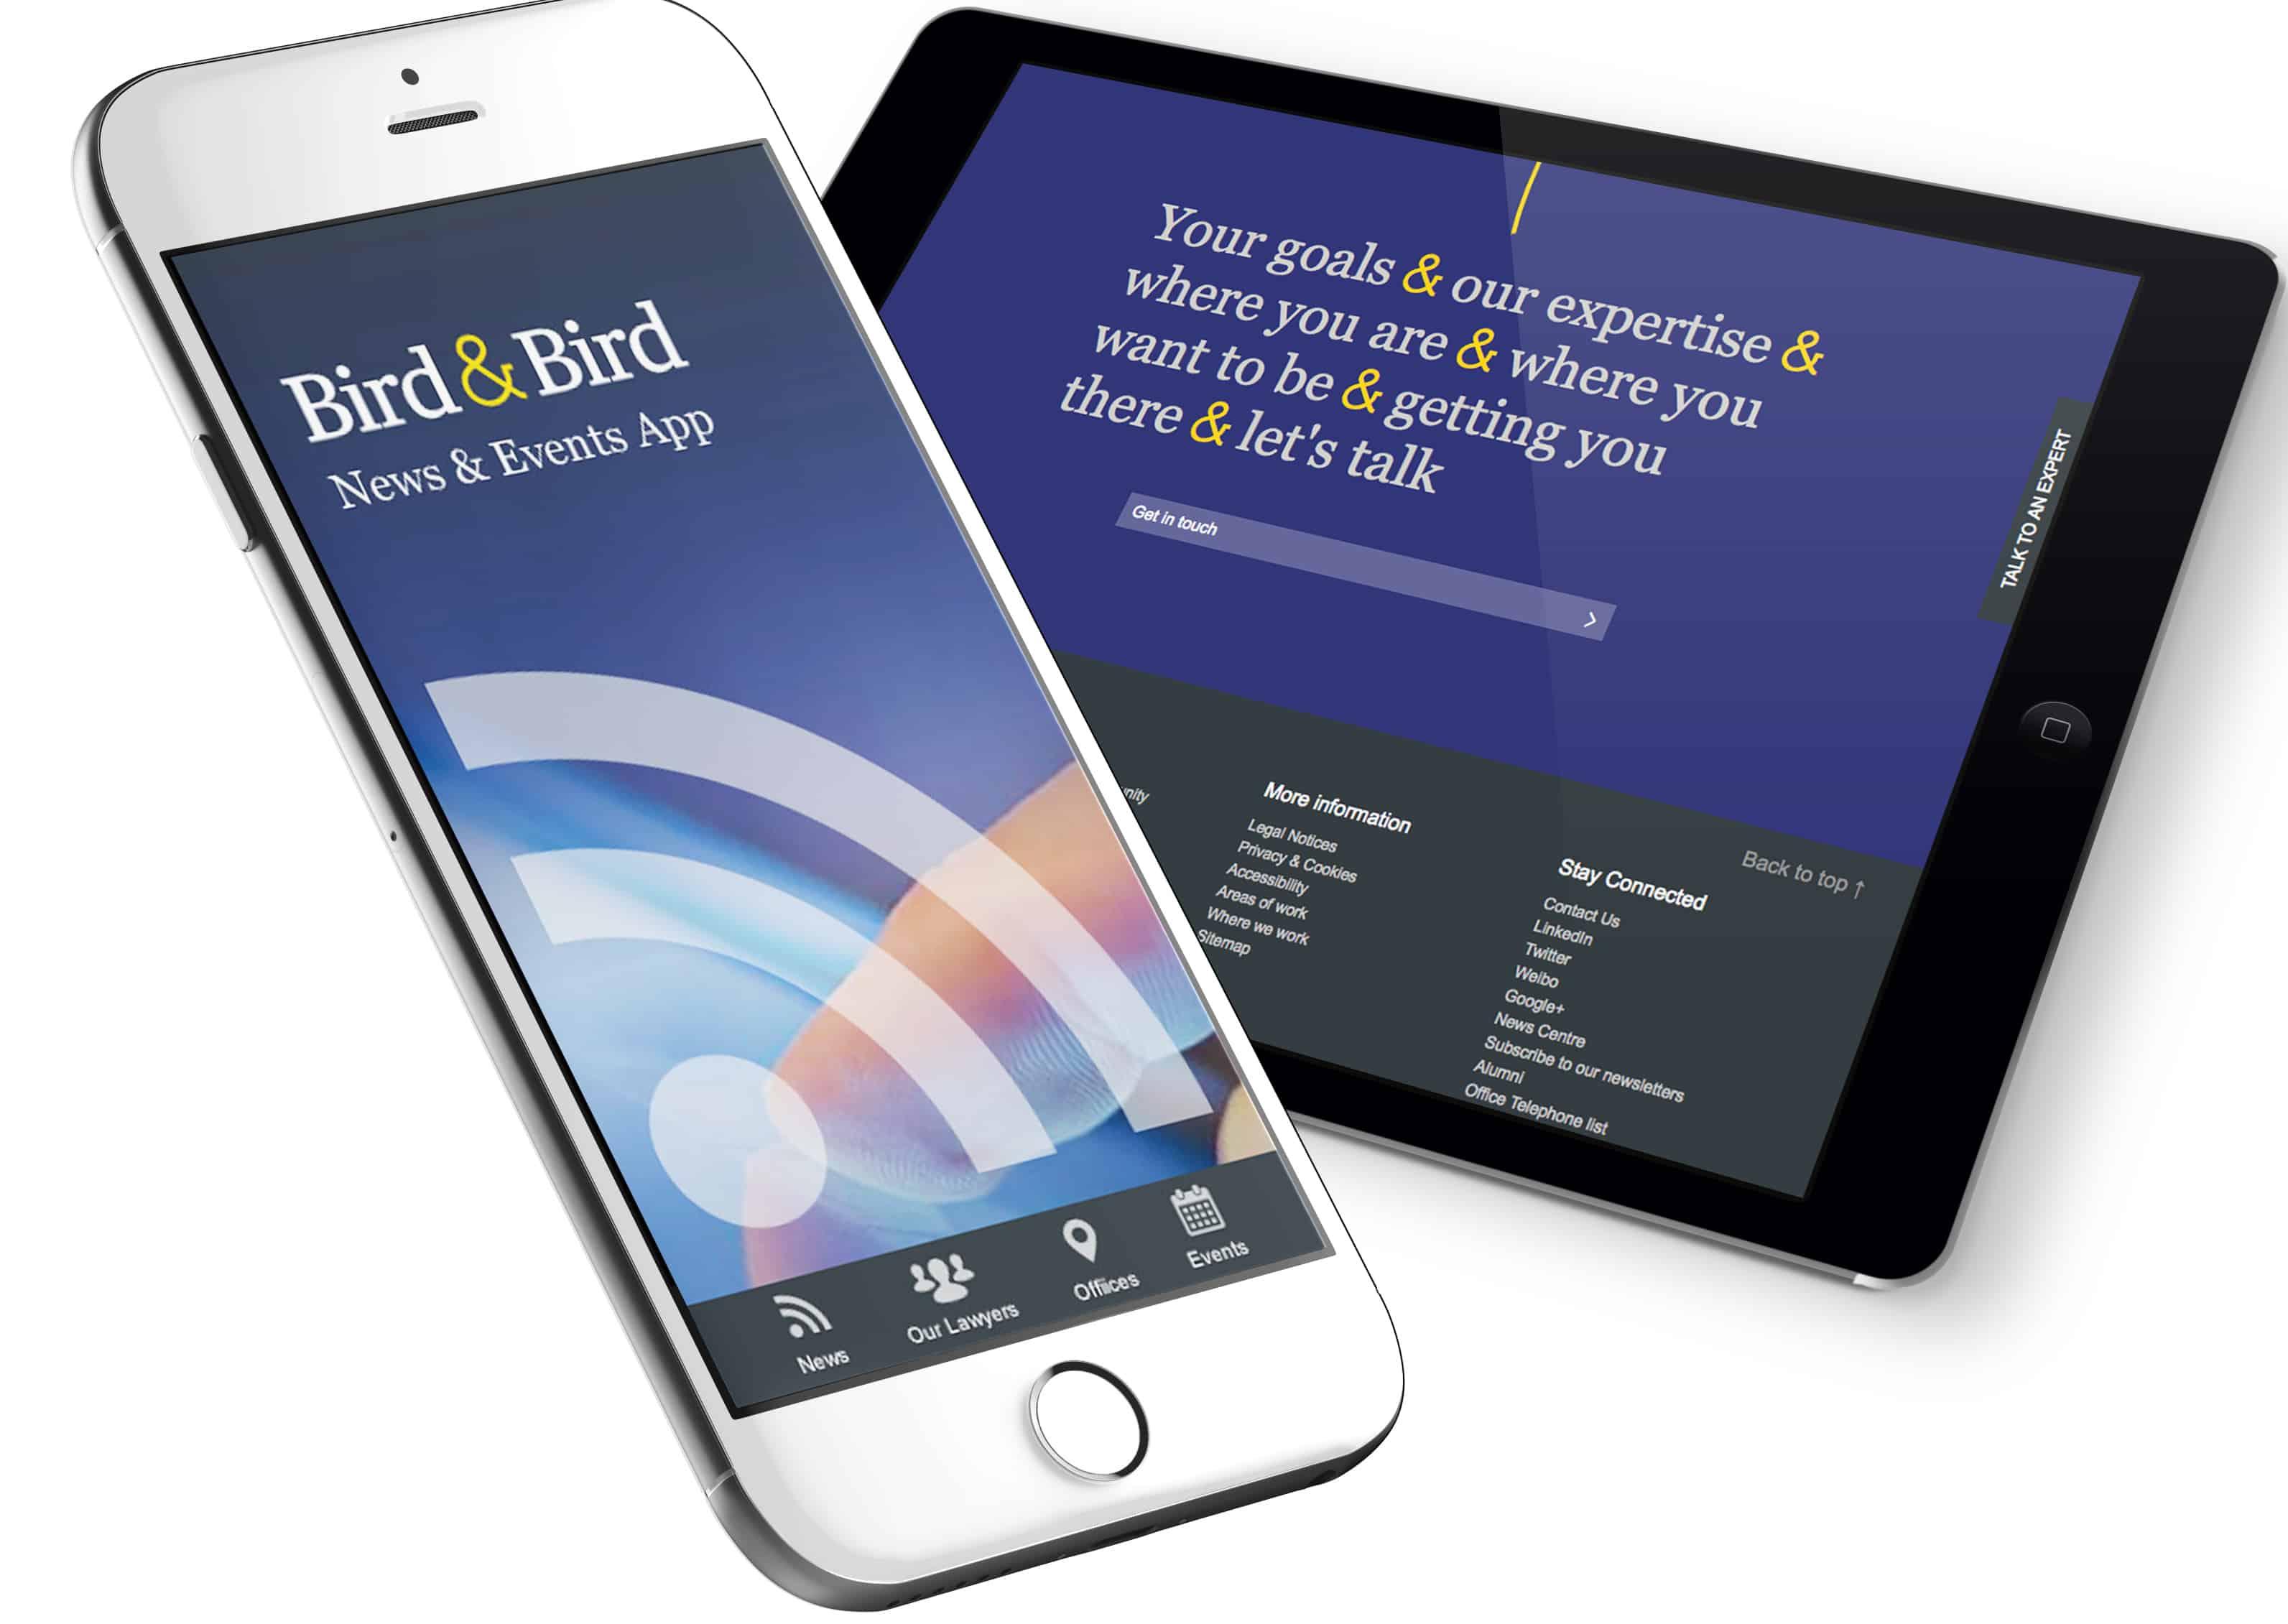 2birds_mobile_tablet_image2